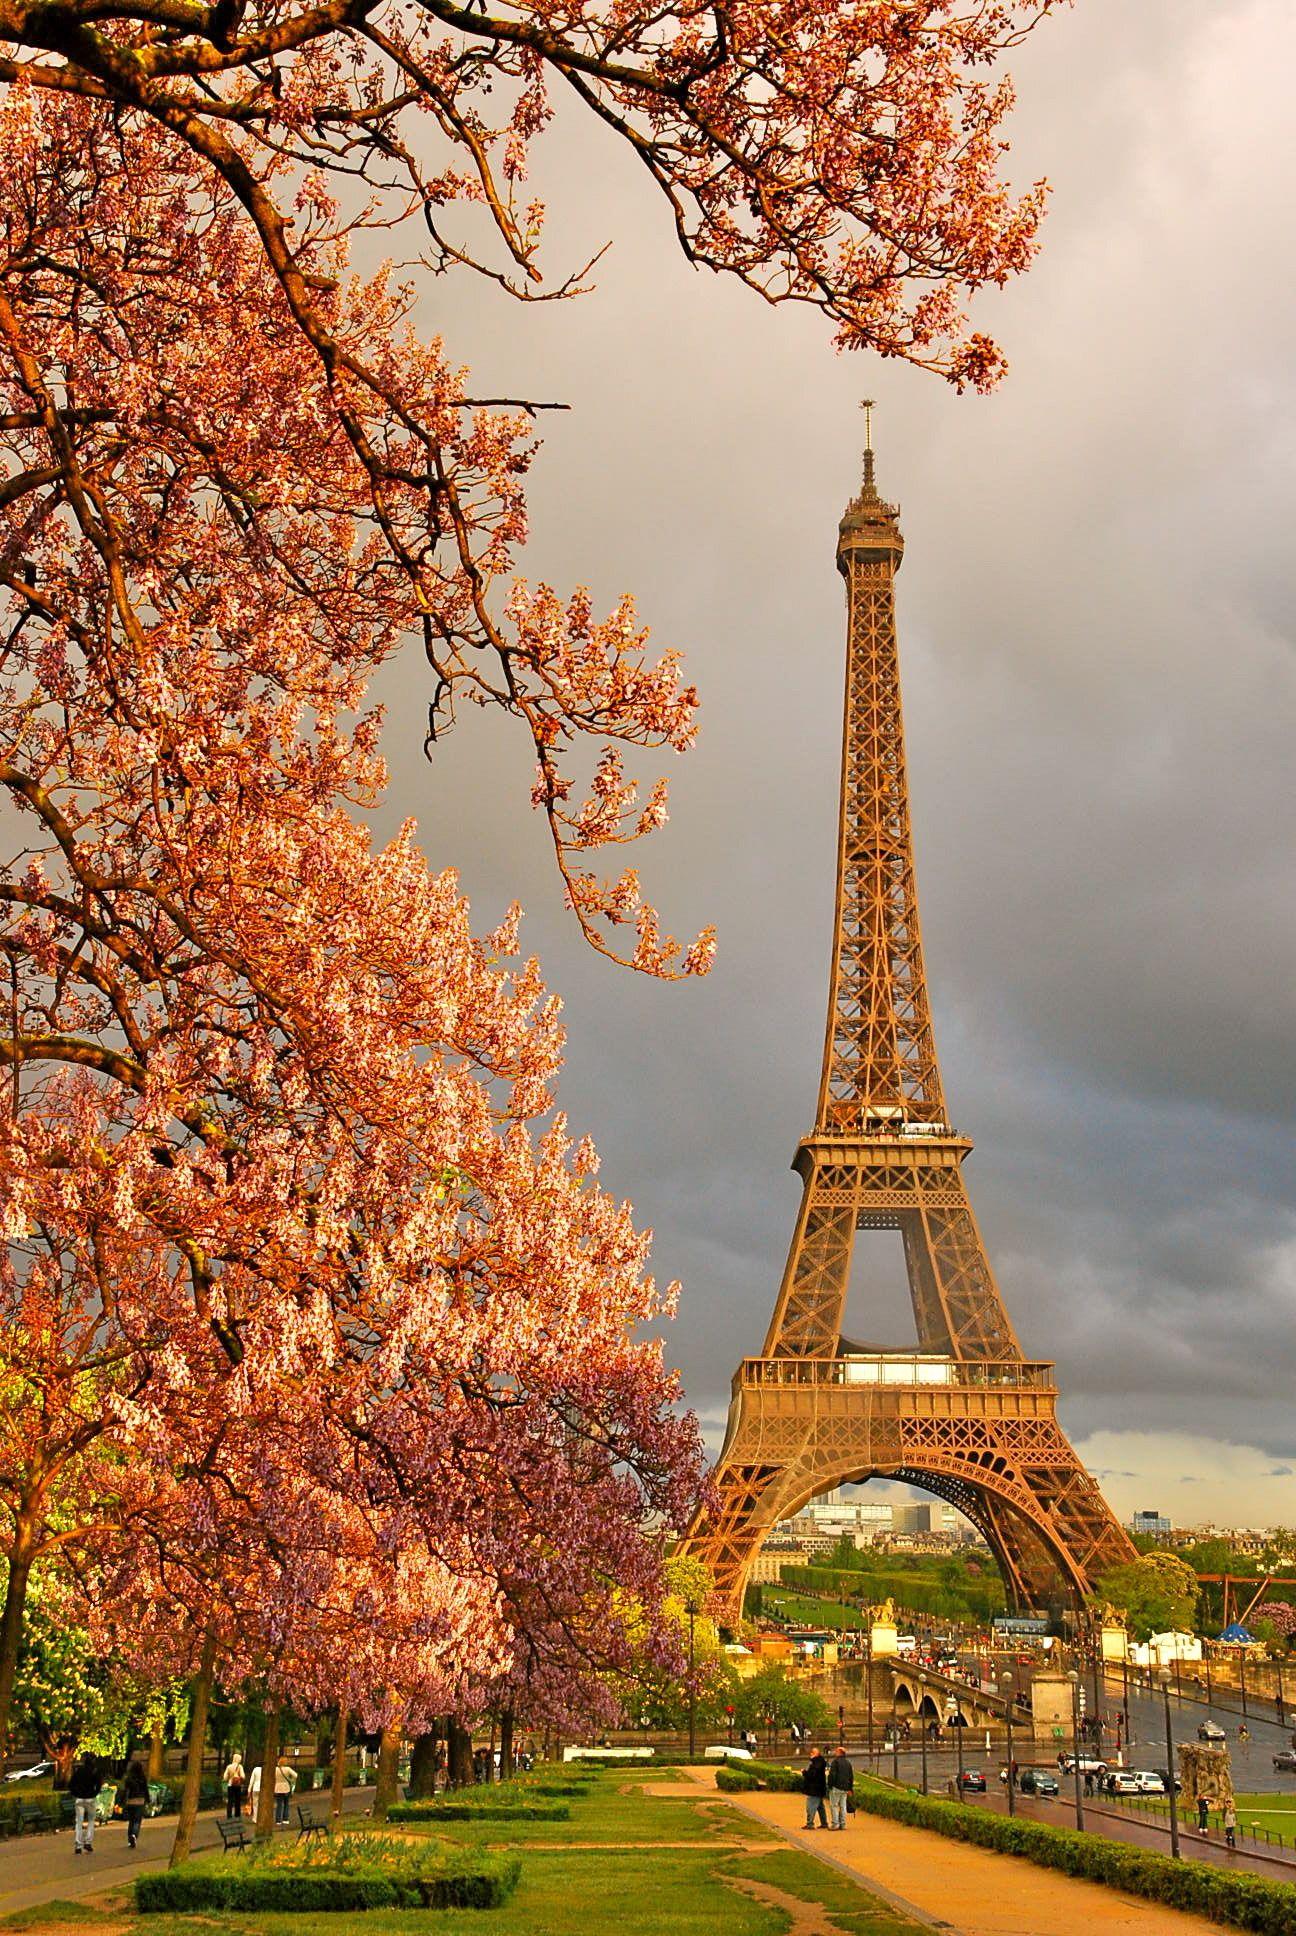 Travel Image By Anna Harris Paris Tour Eiffel Paris France